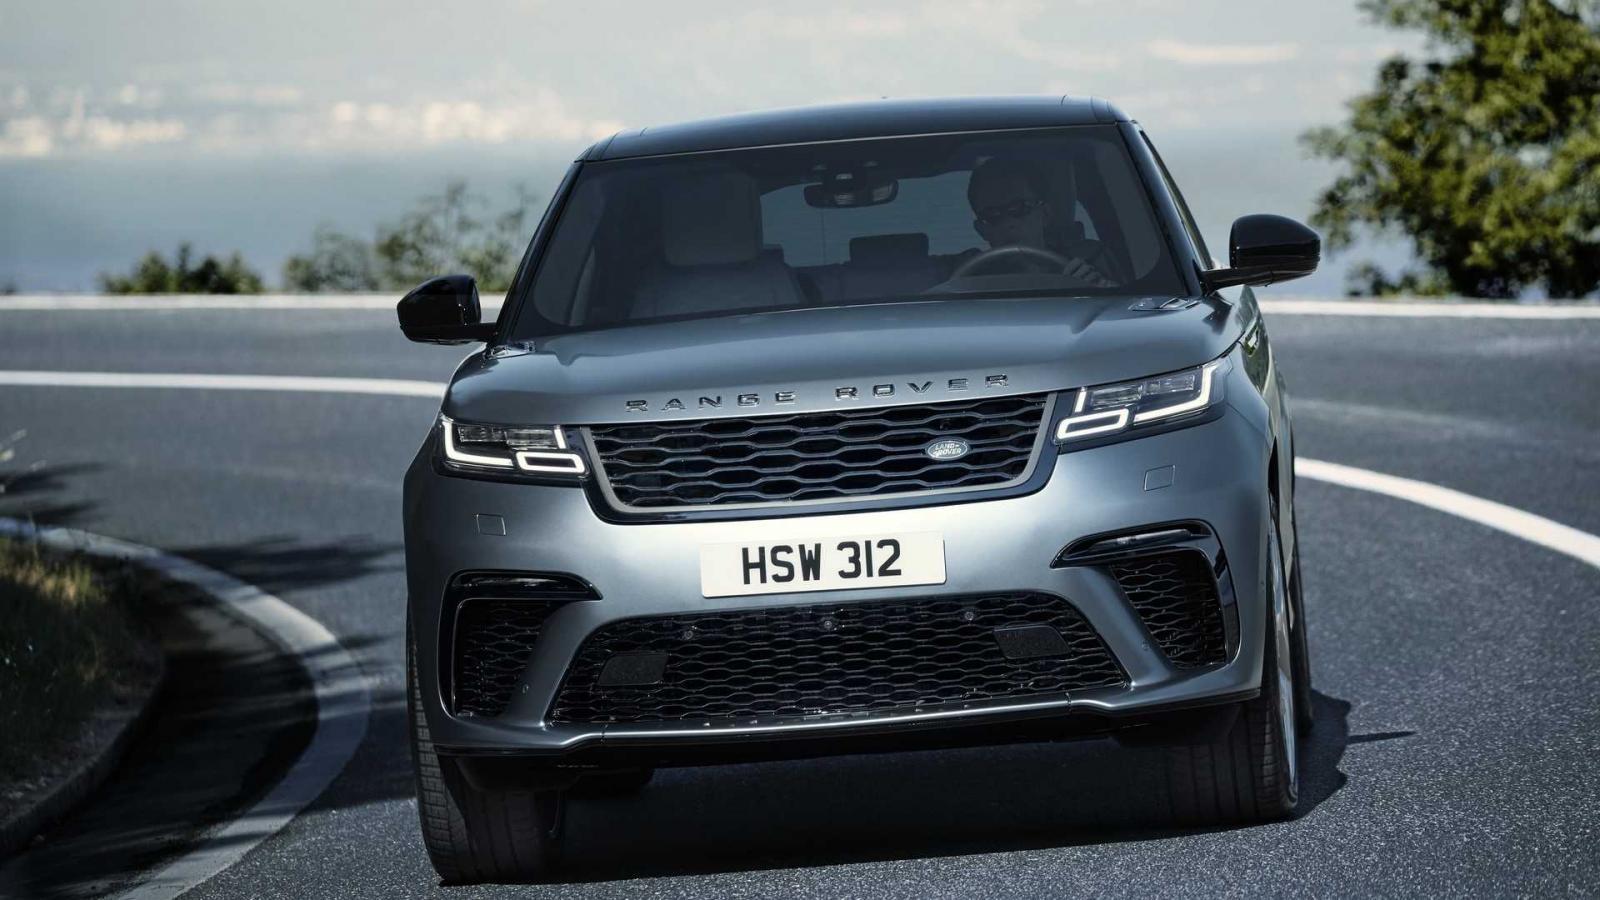 Range Rover Velar SVAutobiography Dynamic Edition có hốc gió trước cỡ lớn hơn